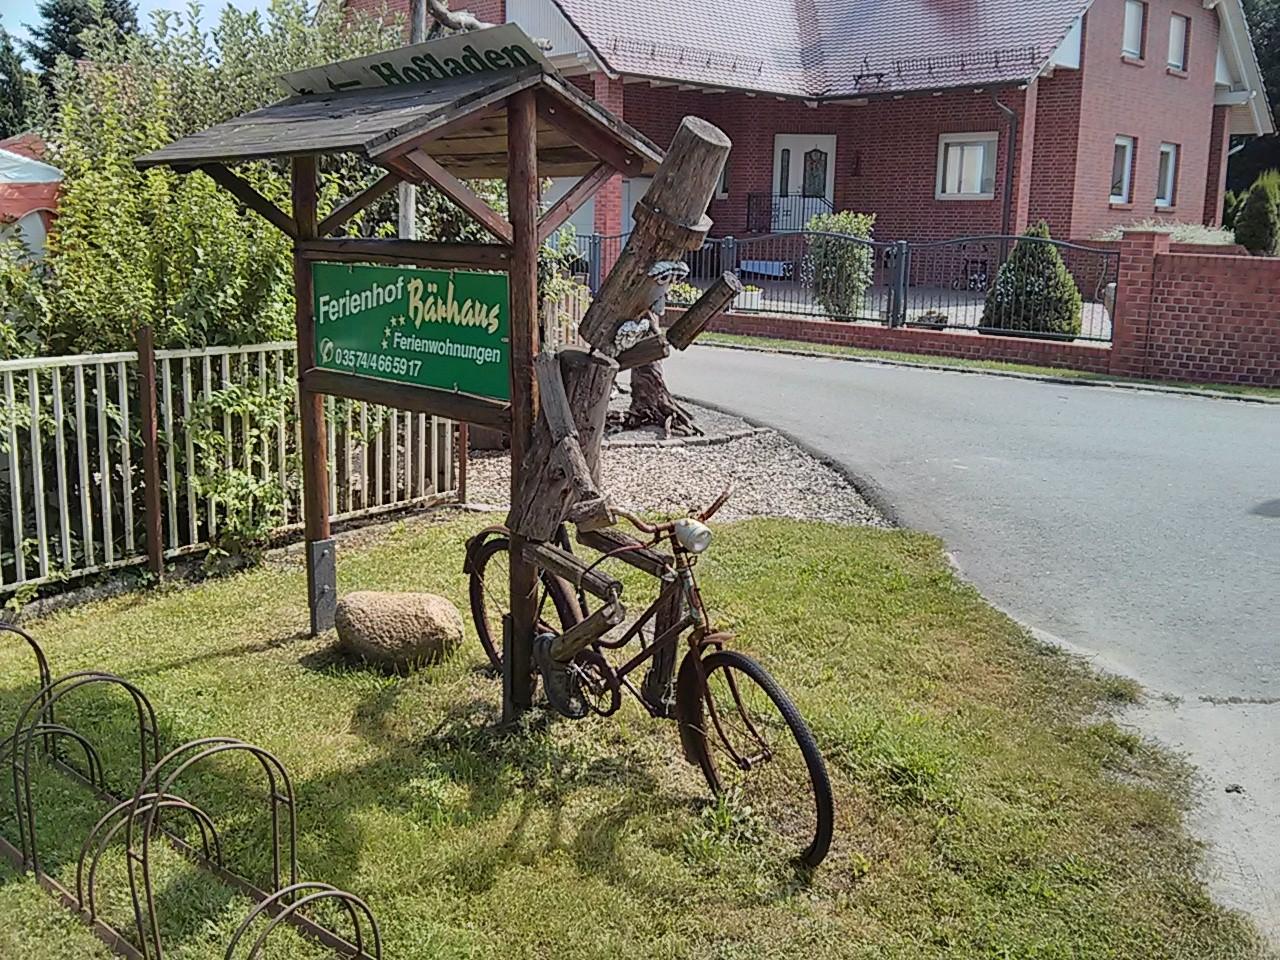 lange Rast oder Fahrrad vergessen  ;-)